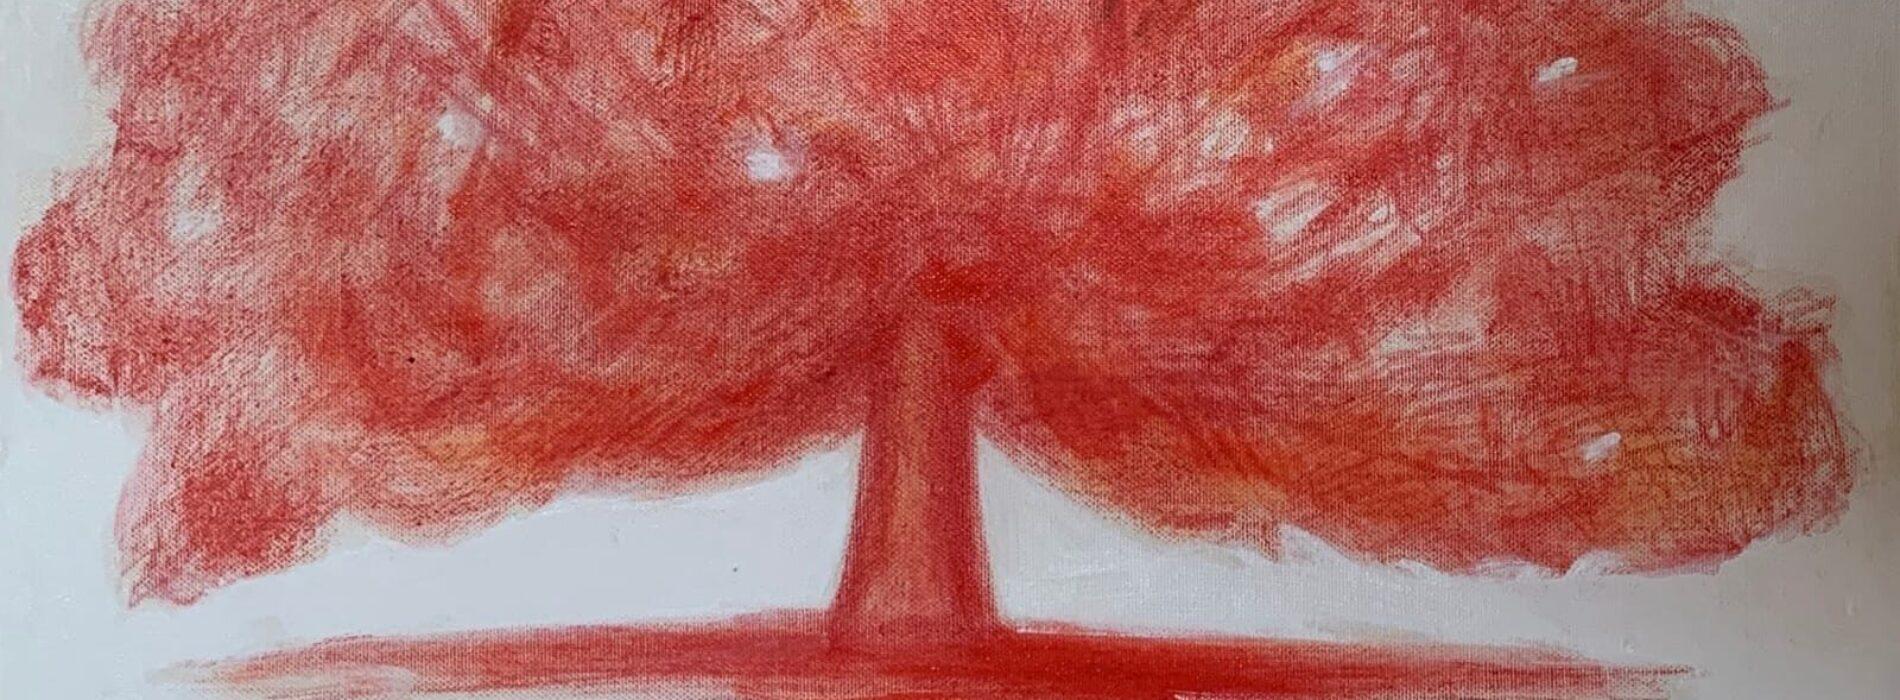 Giovanni Tariello al Vovo Pacomio, l'albero è un autoritratto